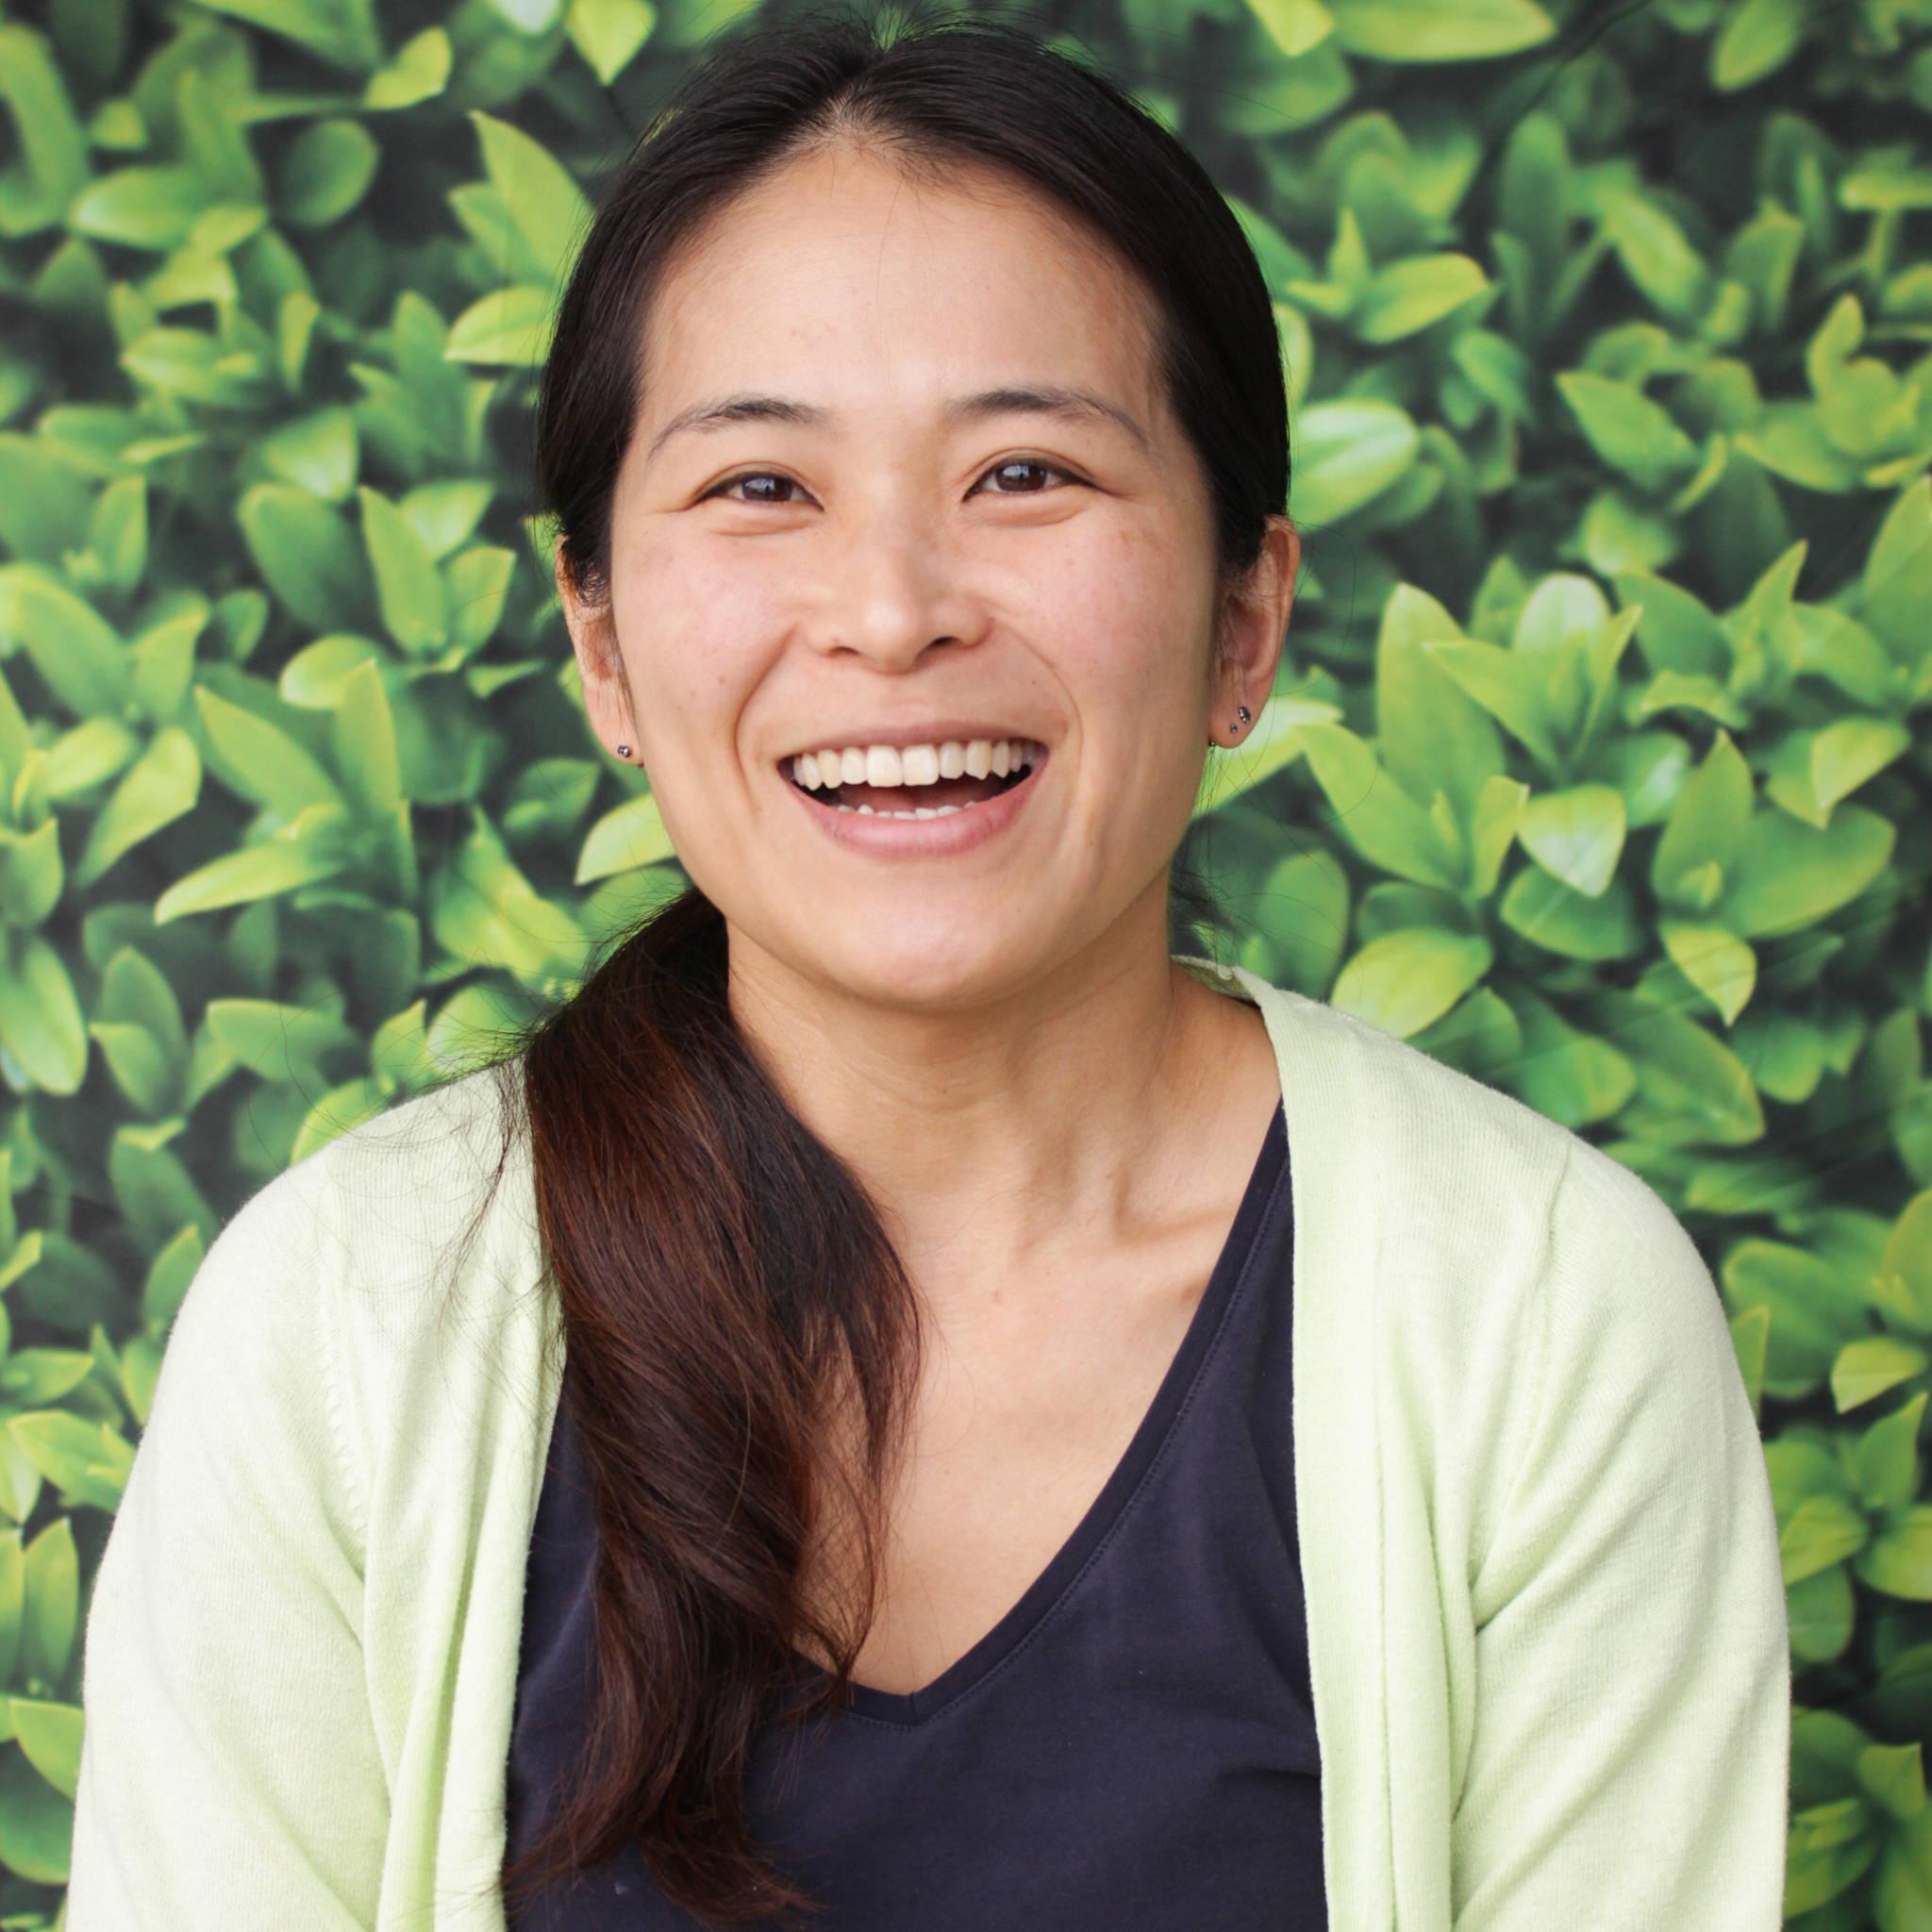 Yoshi Smiling